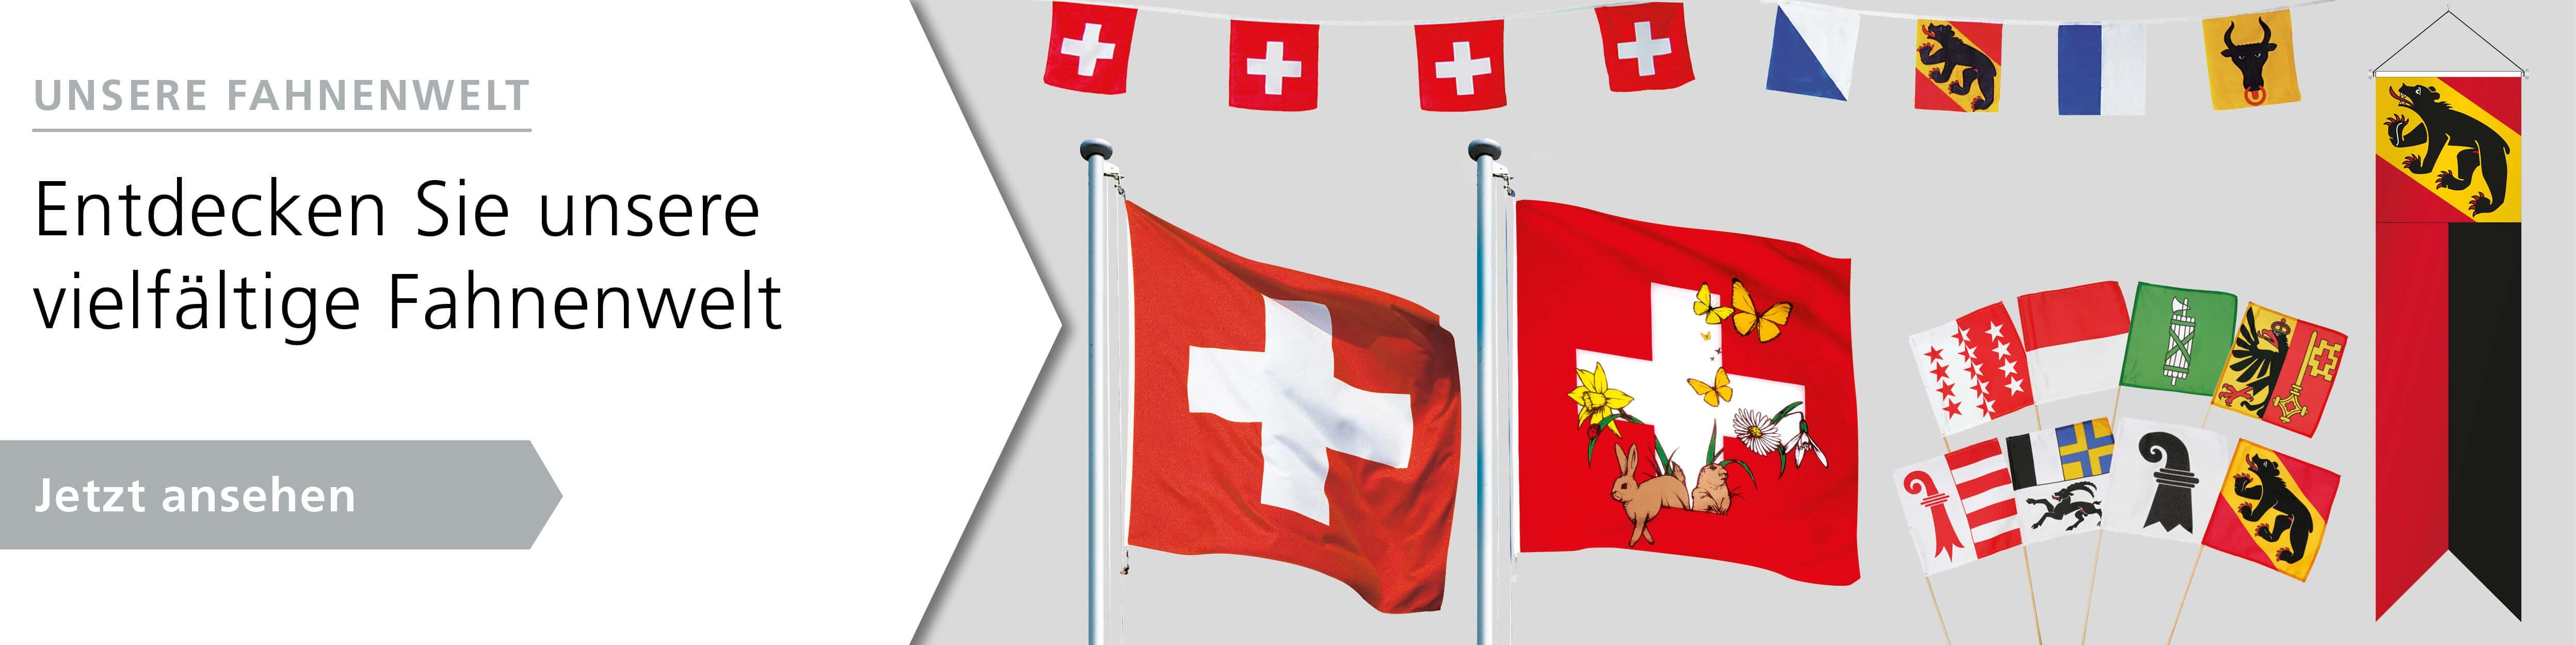 Unsere Fahnenwelt: Schweizerfahnen, Kantonsfahnen, Gemeindefahnen, Länderfahnen und viele mehr